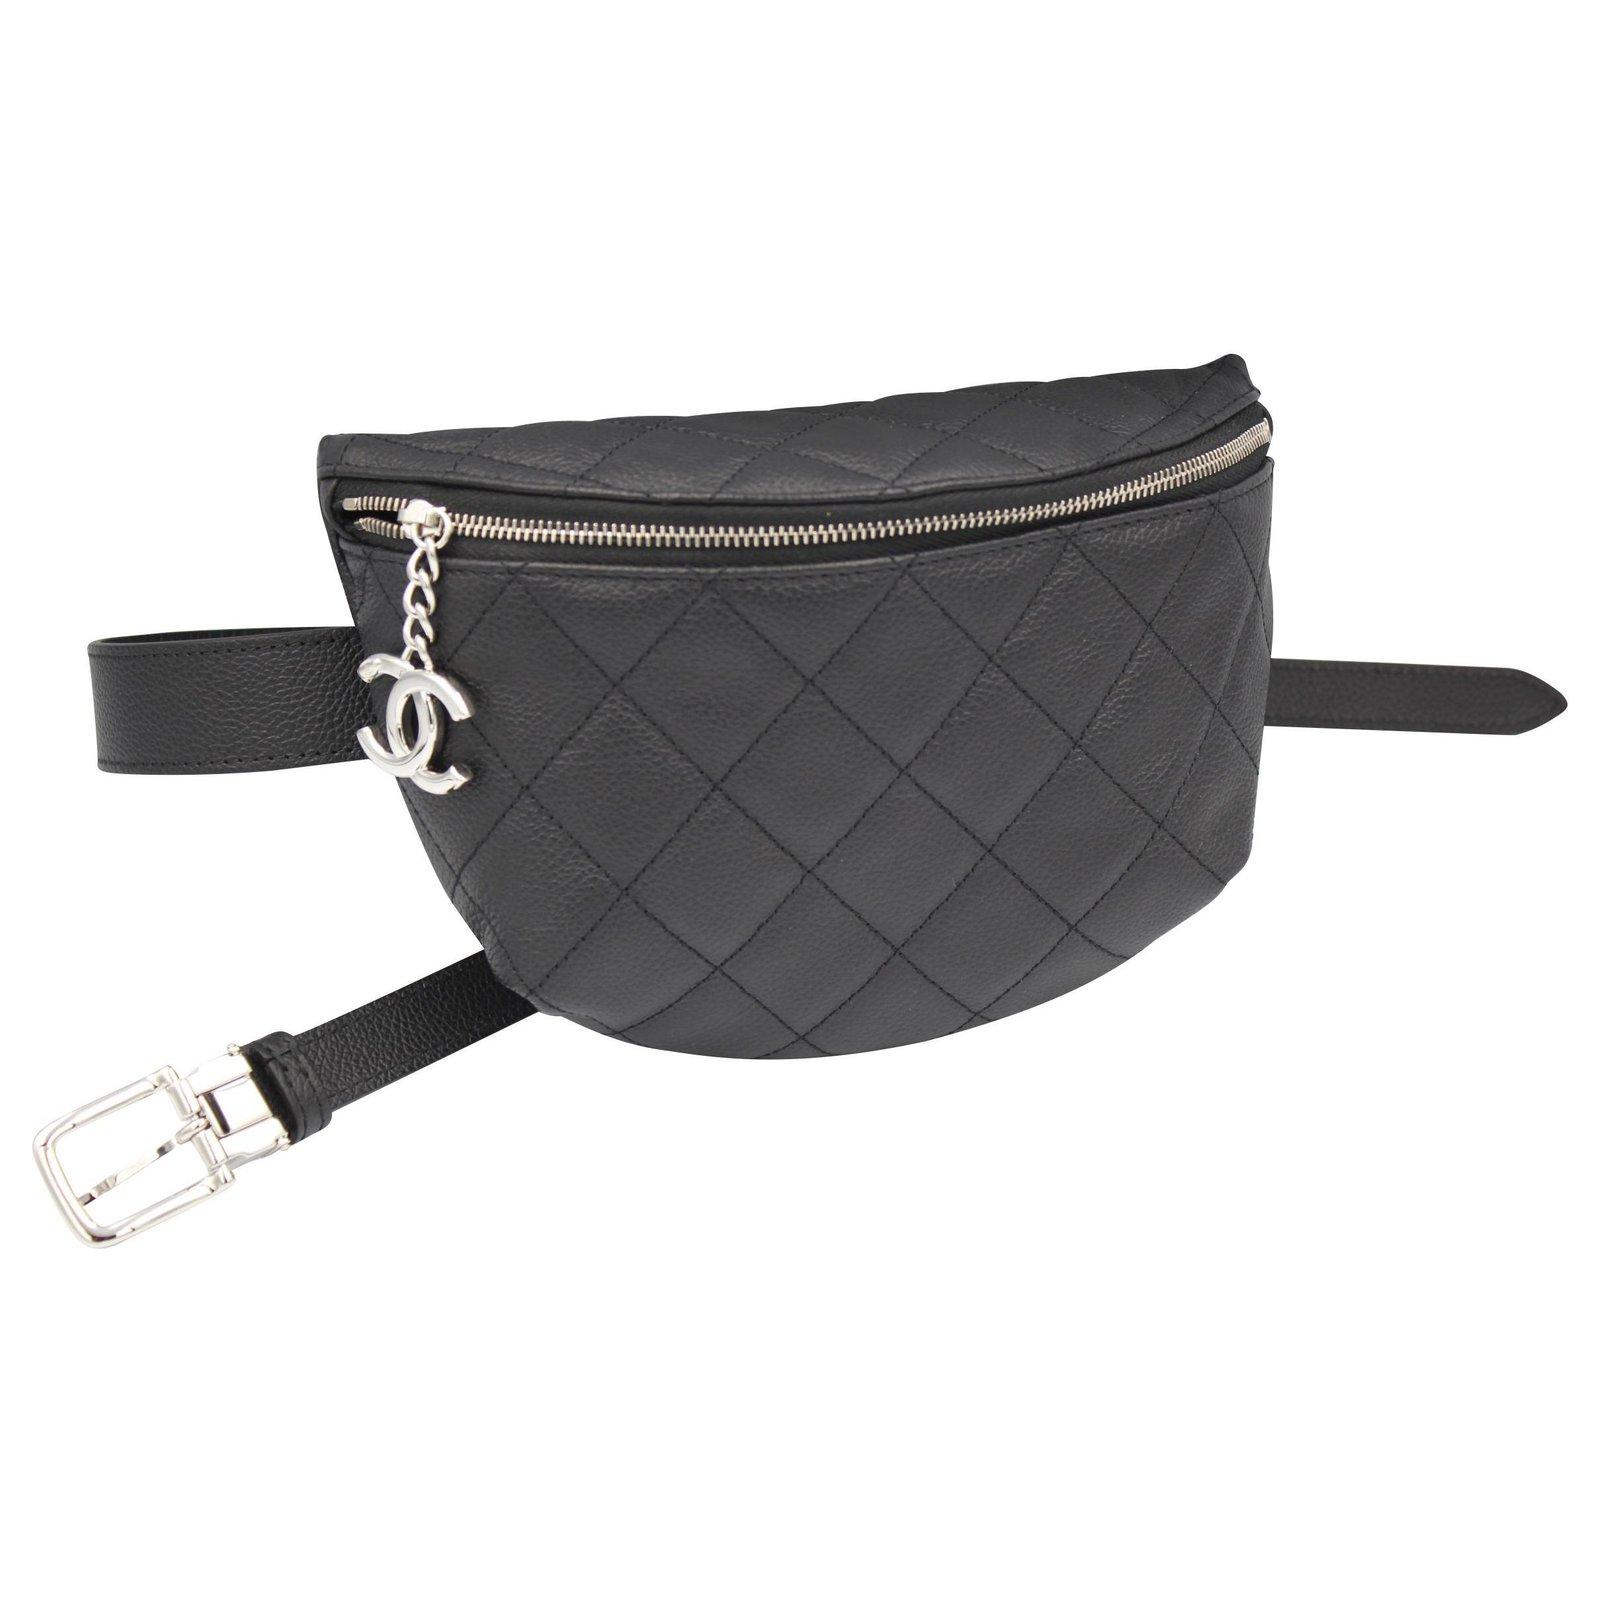 e434872c57 Waist bag